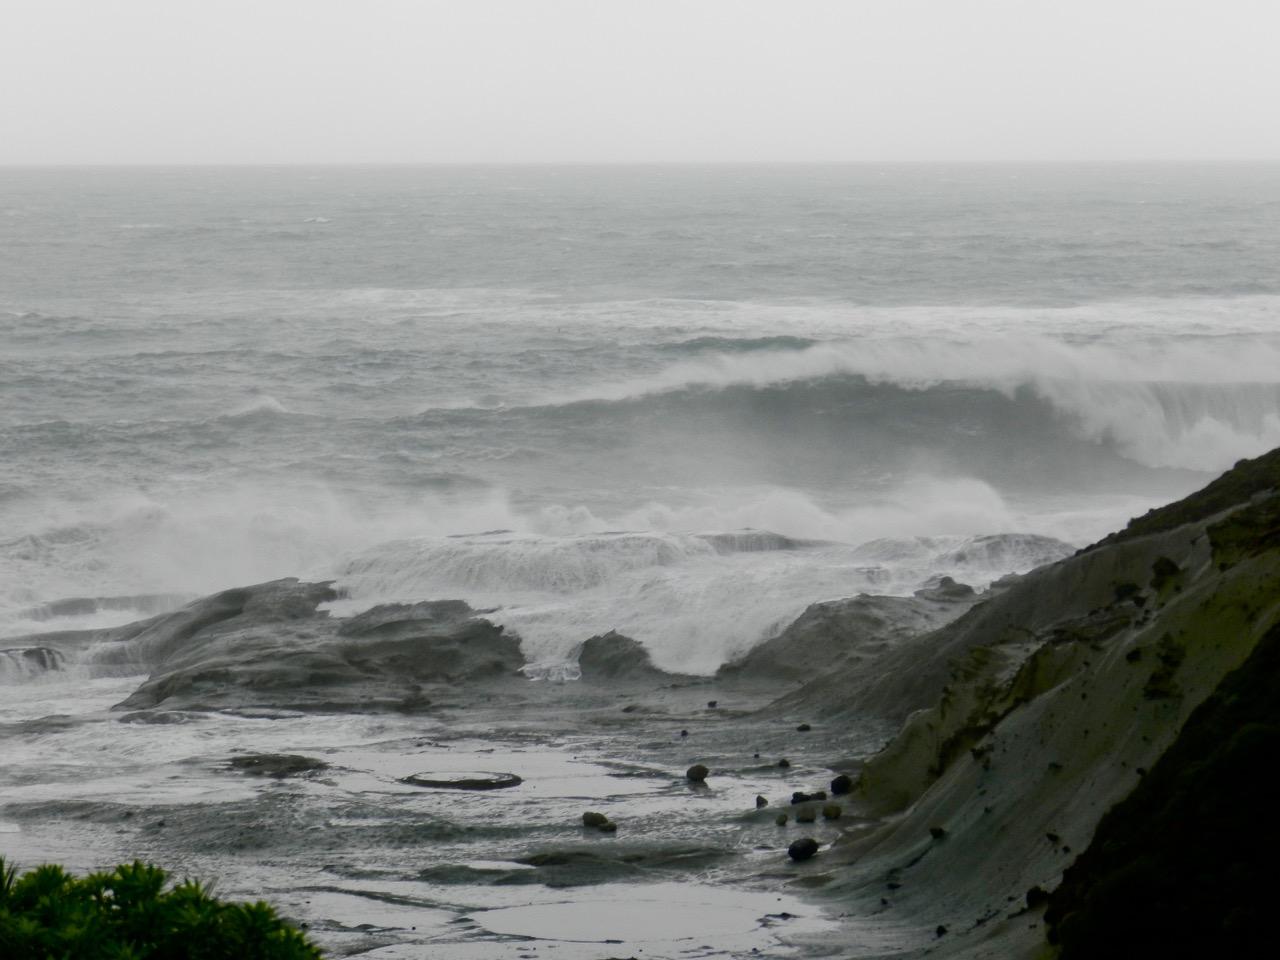 Hohe Wellen vom offenen Meer